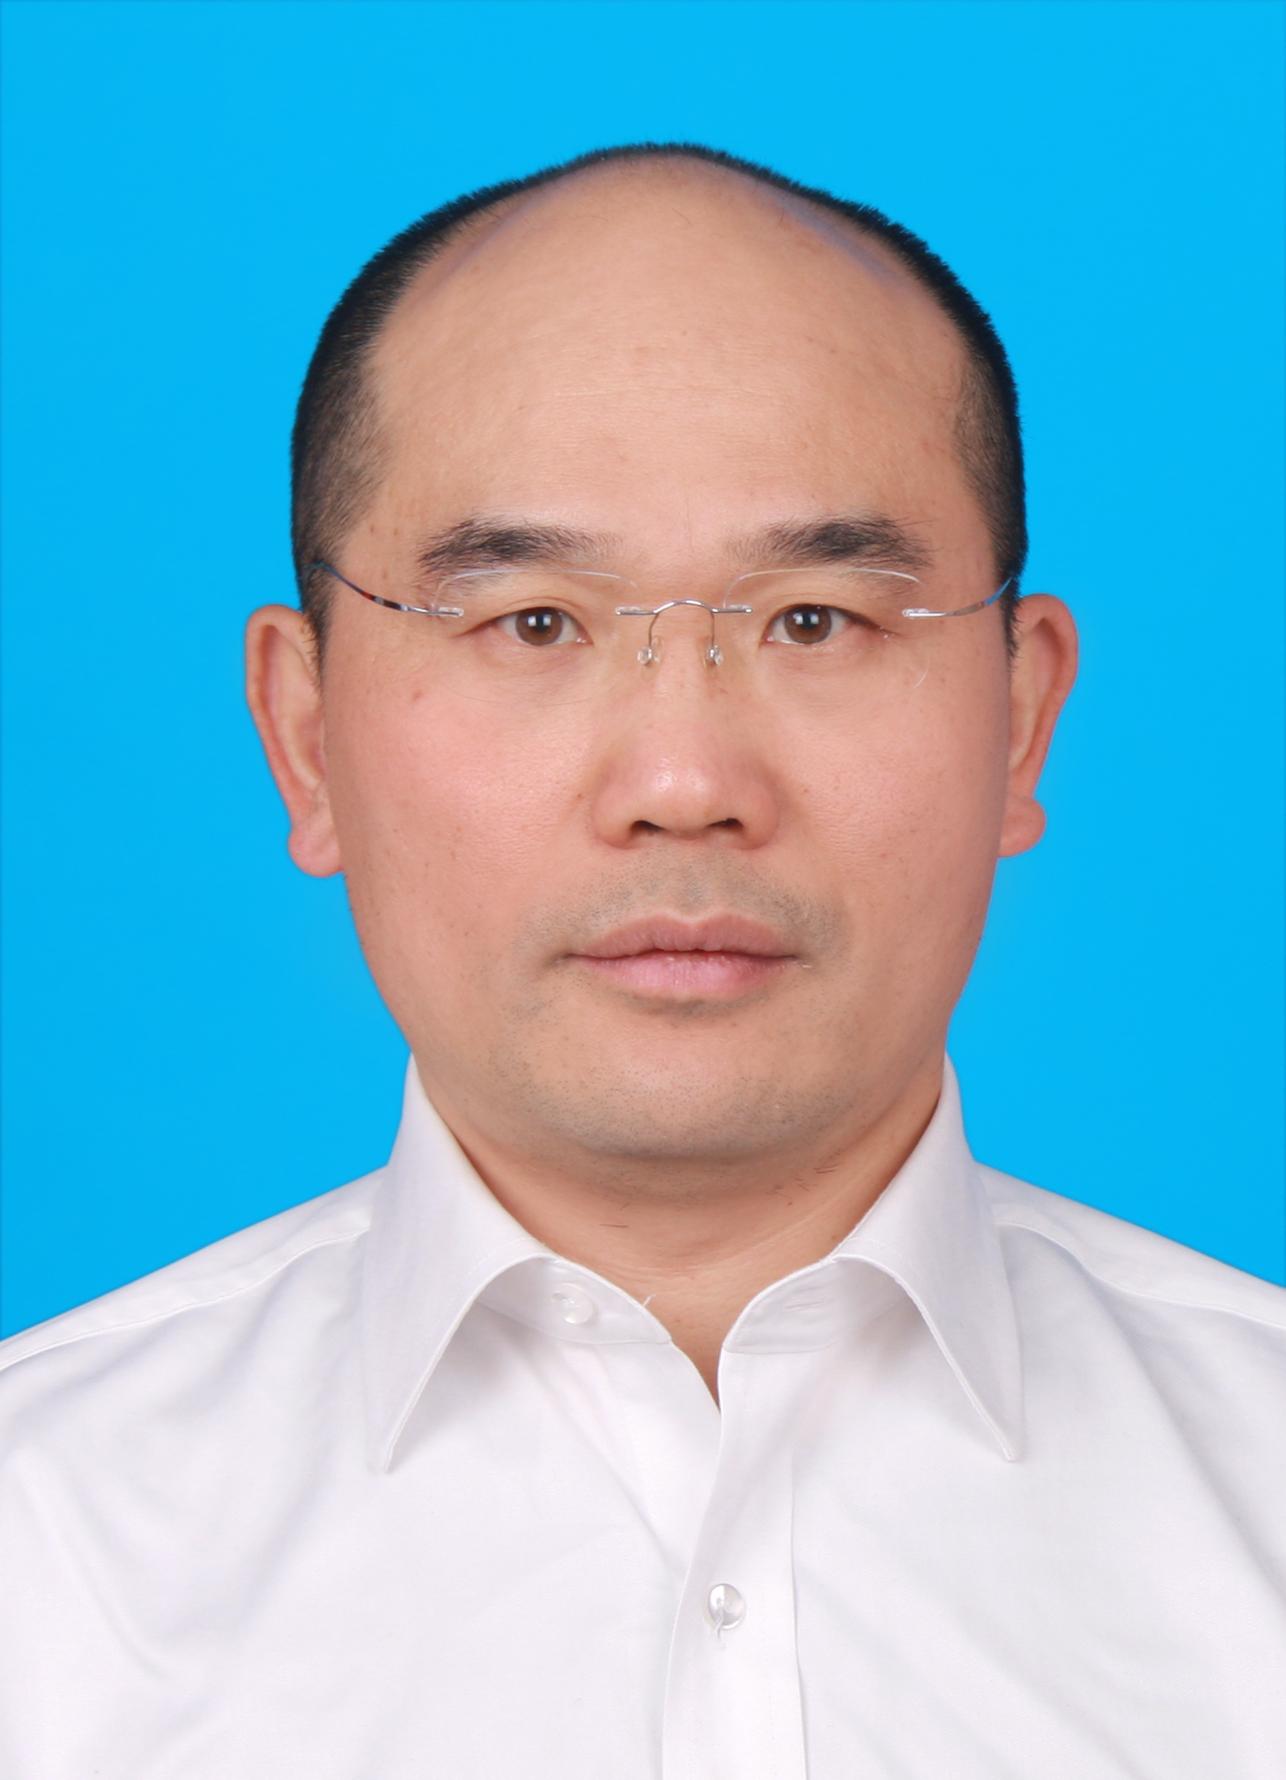 姚欢庆律师信息_姚欢庆律师个人案例 - 律师百科网